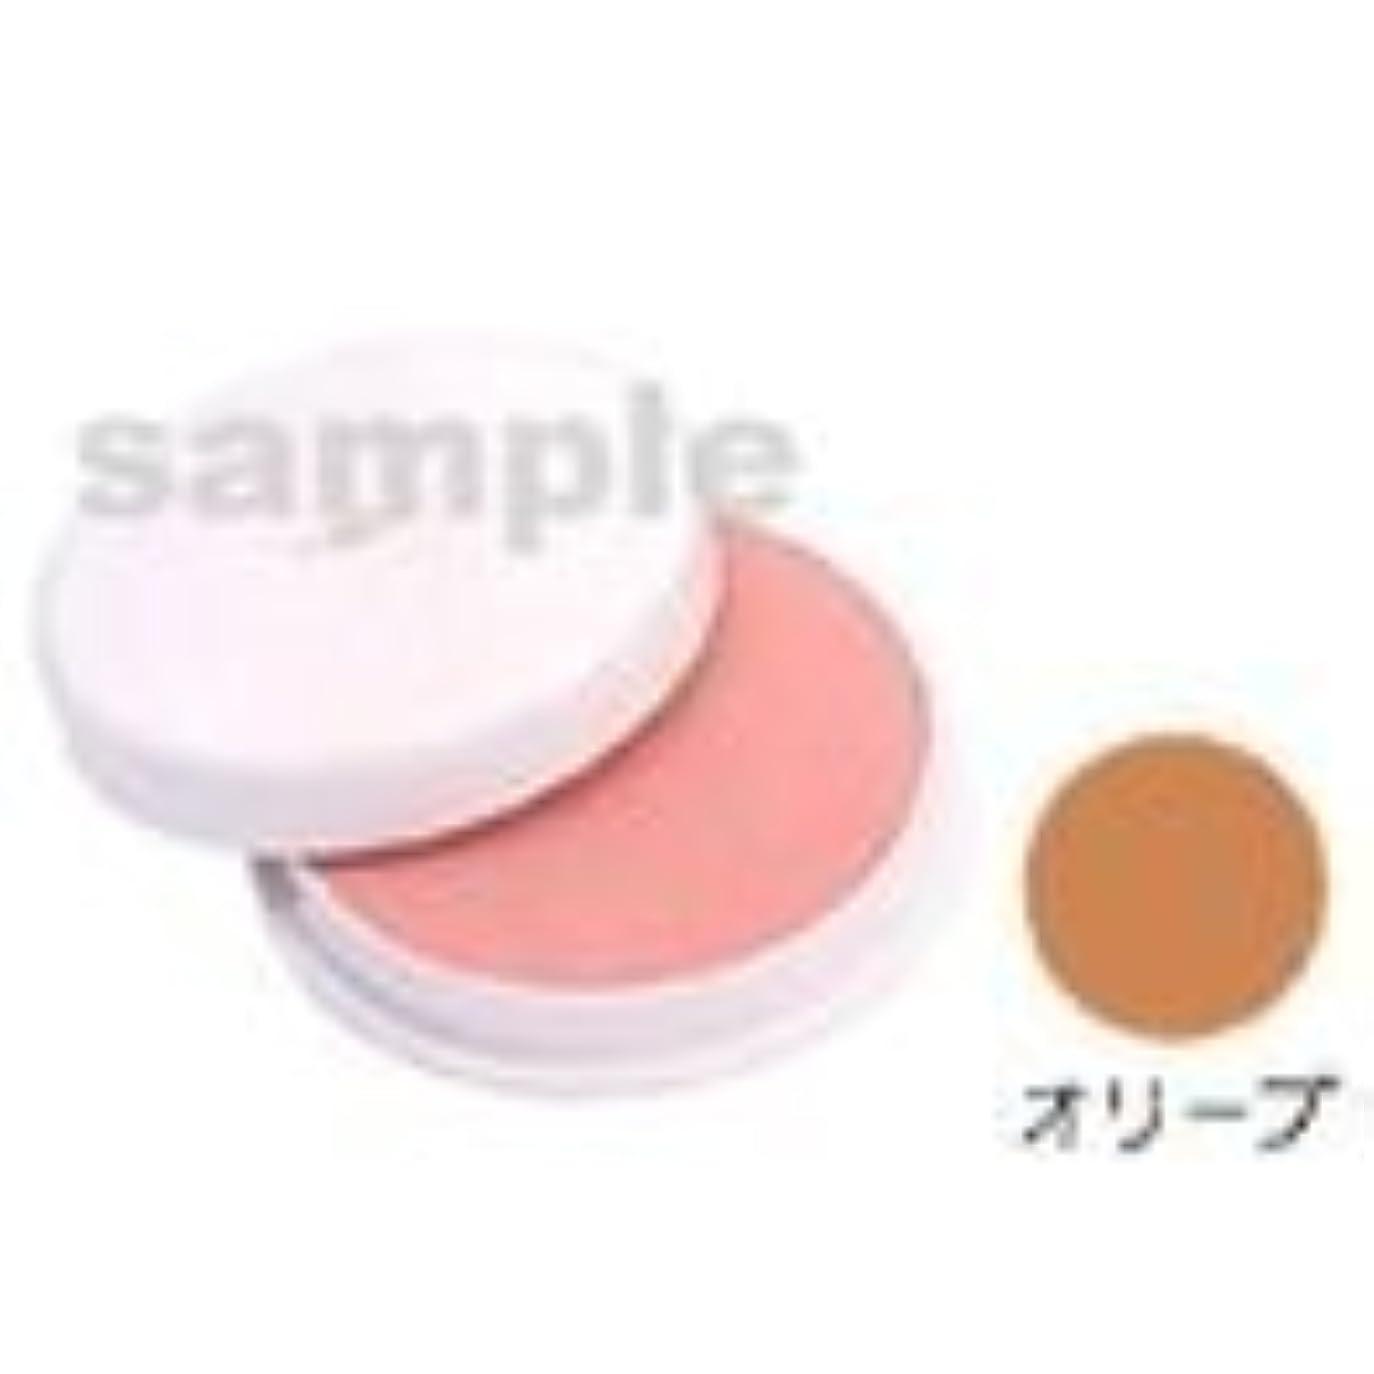 準備した留まるアレルギー性三善 フェースケーキ ファンデーション コスプレメイク 舞台メイク カラー:オリーブ (C)